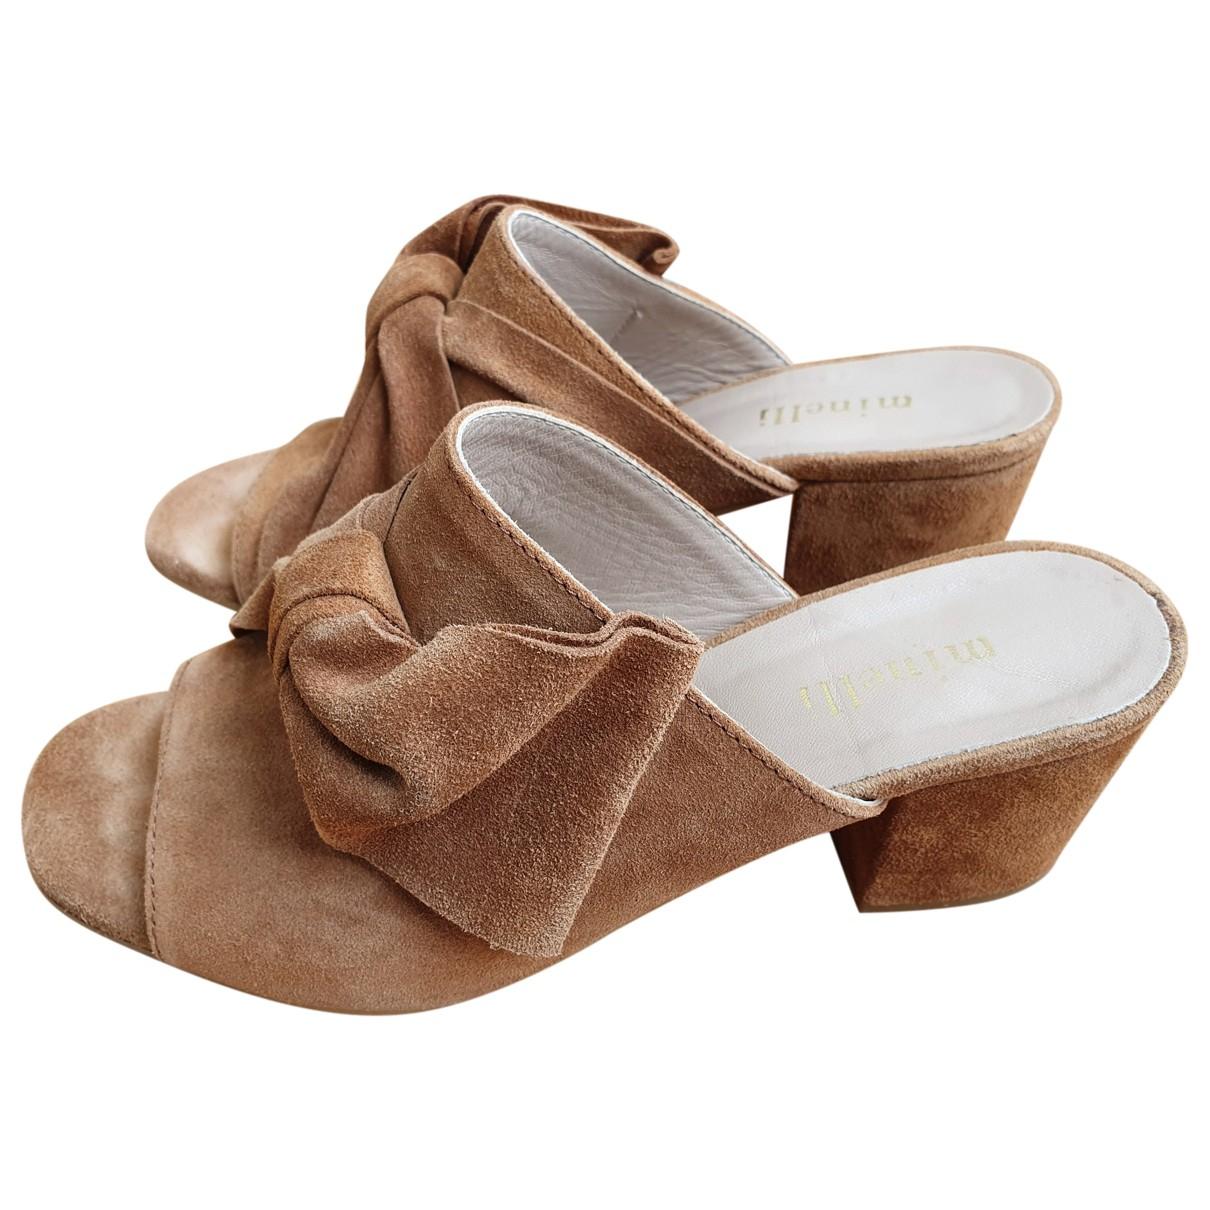 Minelli - Sandales   pour femme en cuir - camel